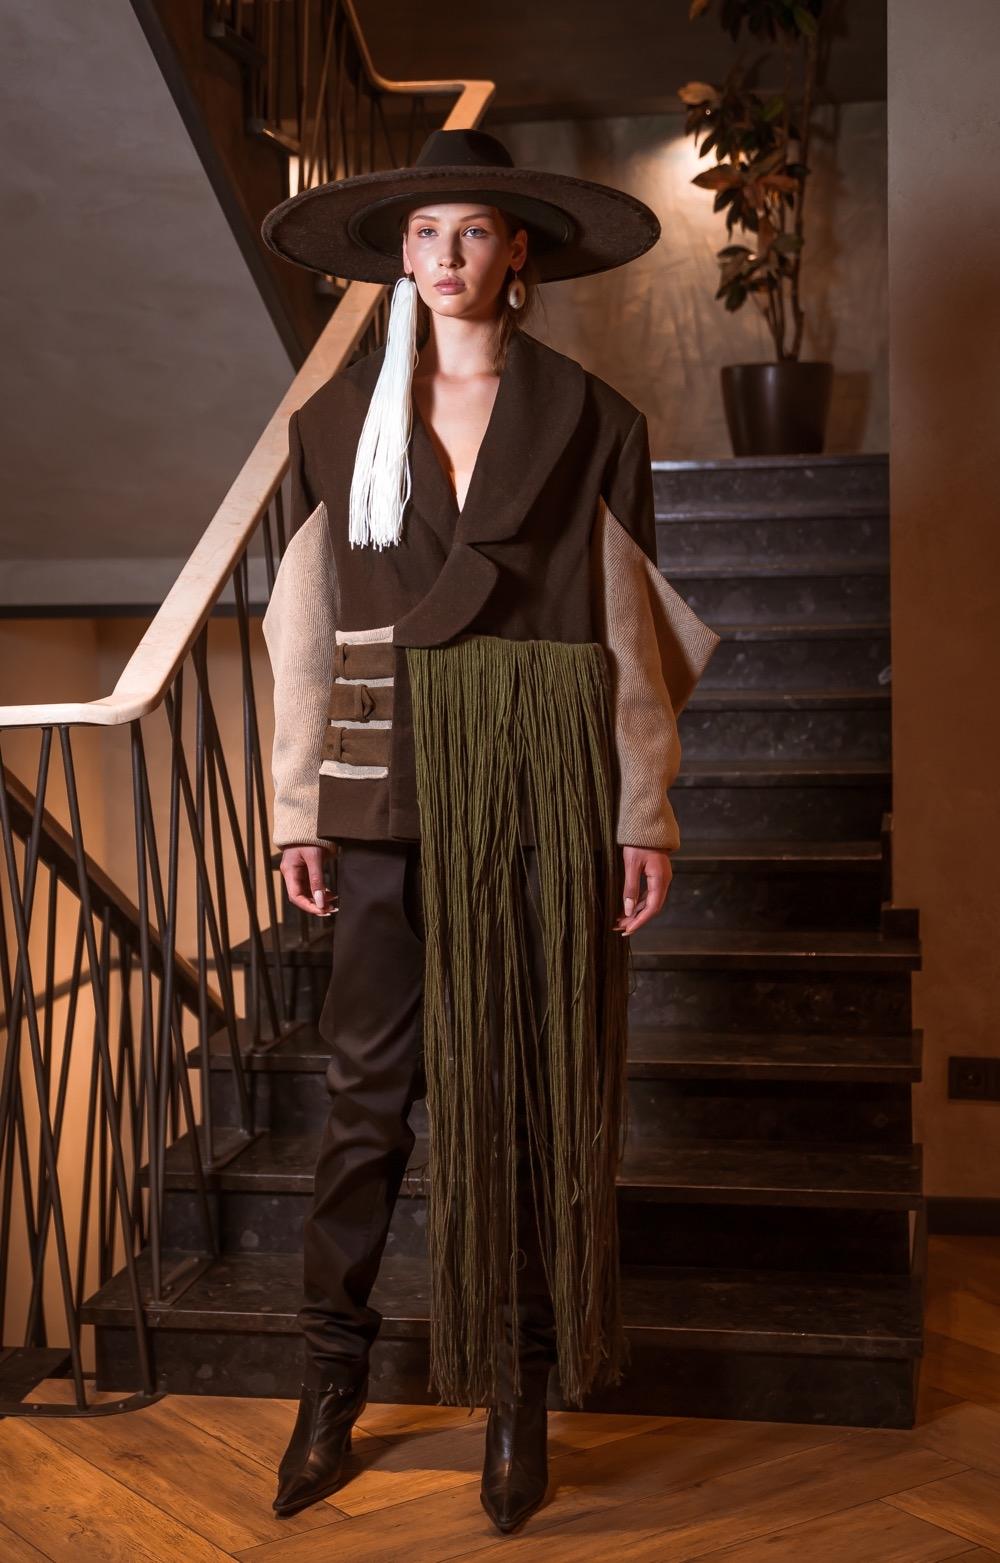 Любовь, технологии и новые лица украинской fashion-индустрии на SPYFASHIONS DAY (ФОТО) - фото №4